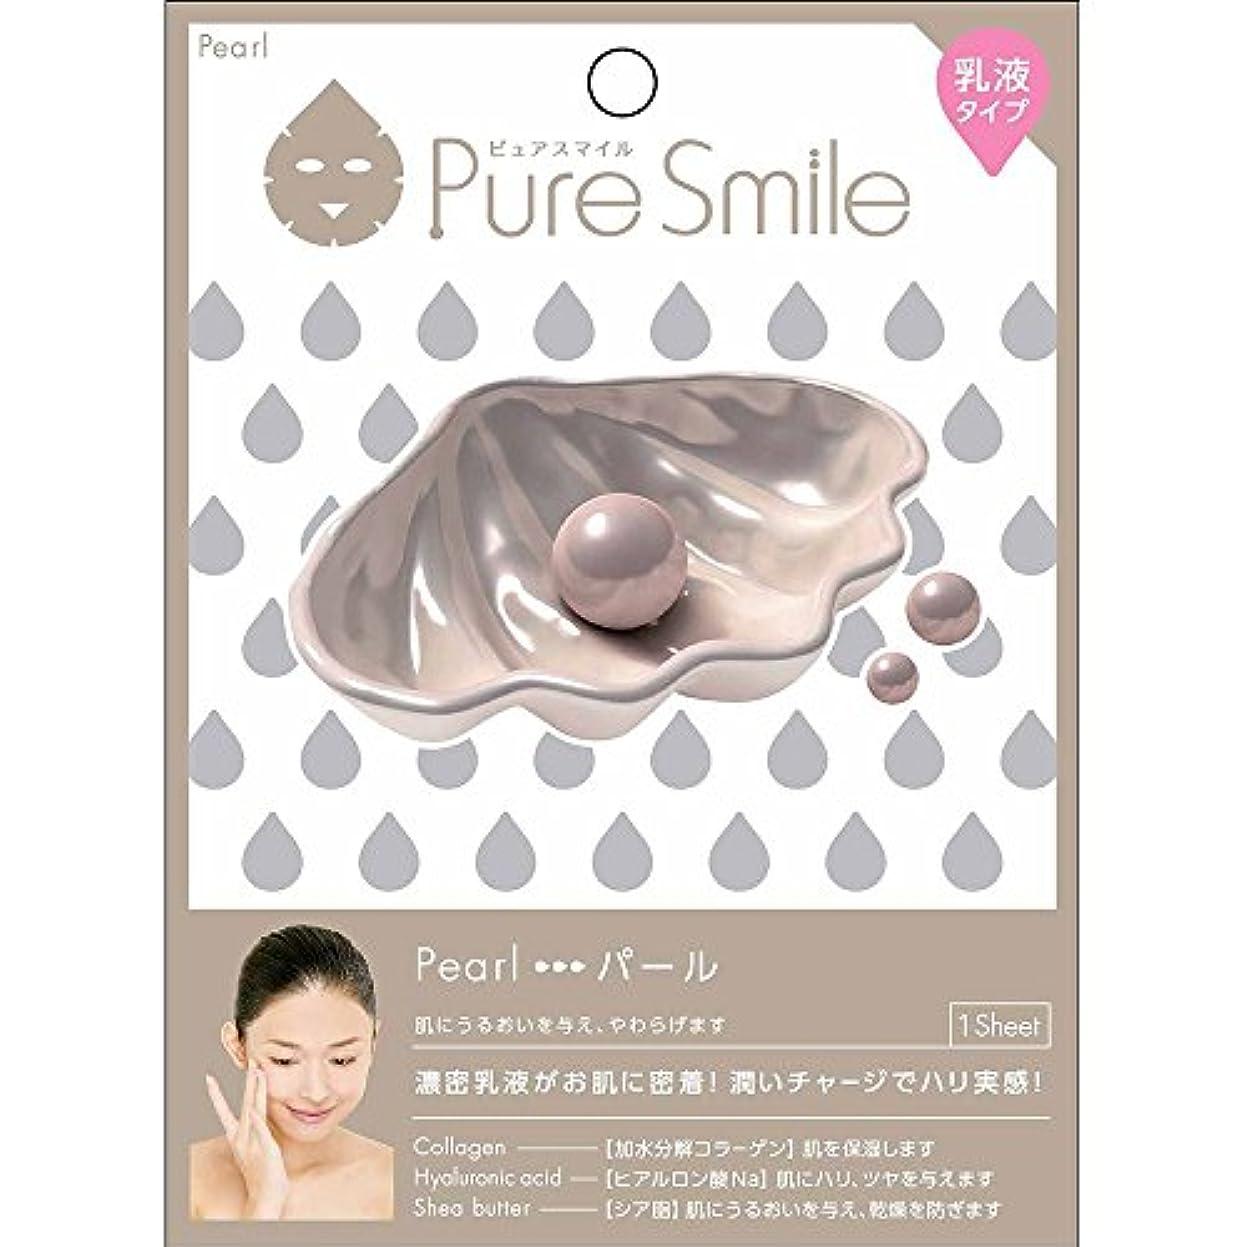 ファントム記録影響するPure Smile(ピュアスマイル) 乳液エッセンスマスク 1 枚 パール